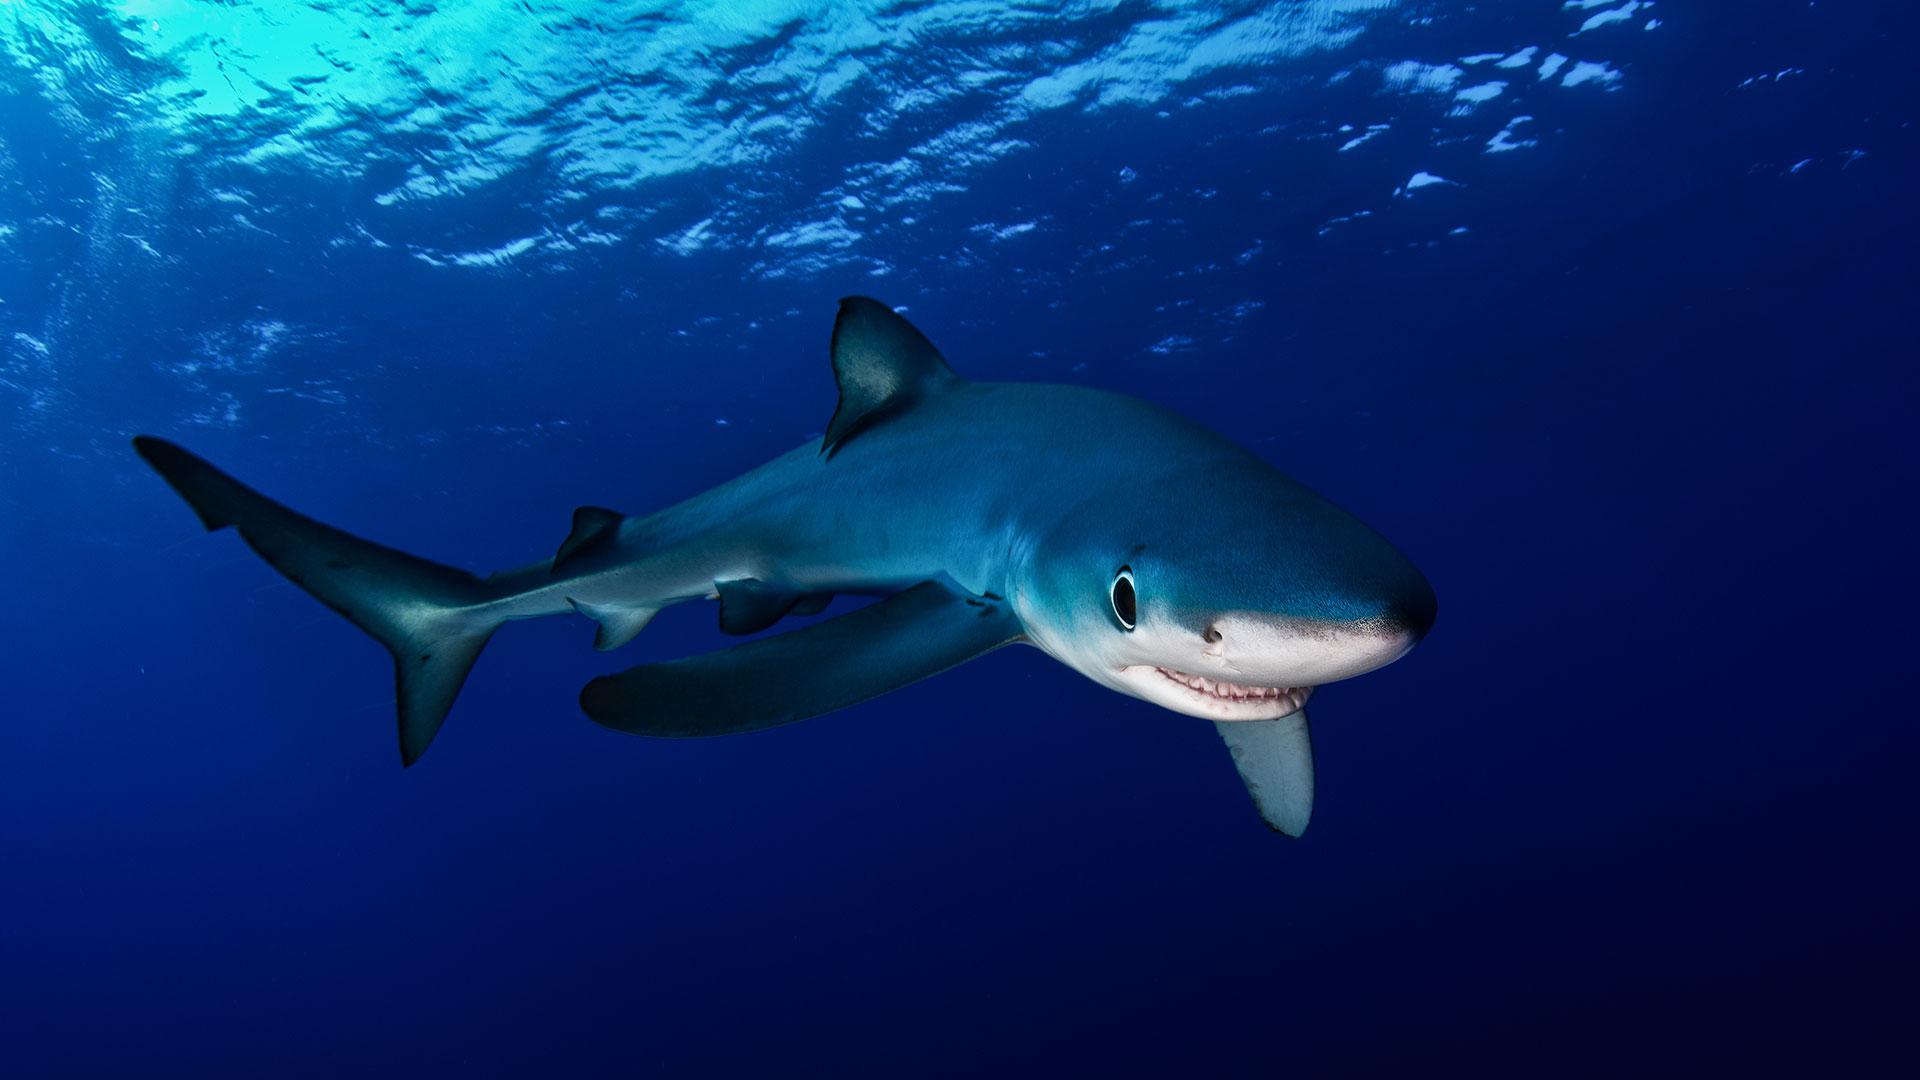 Blauhai in der Nordsee